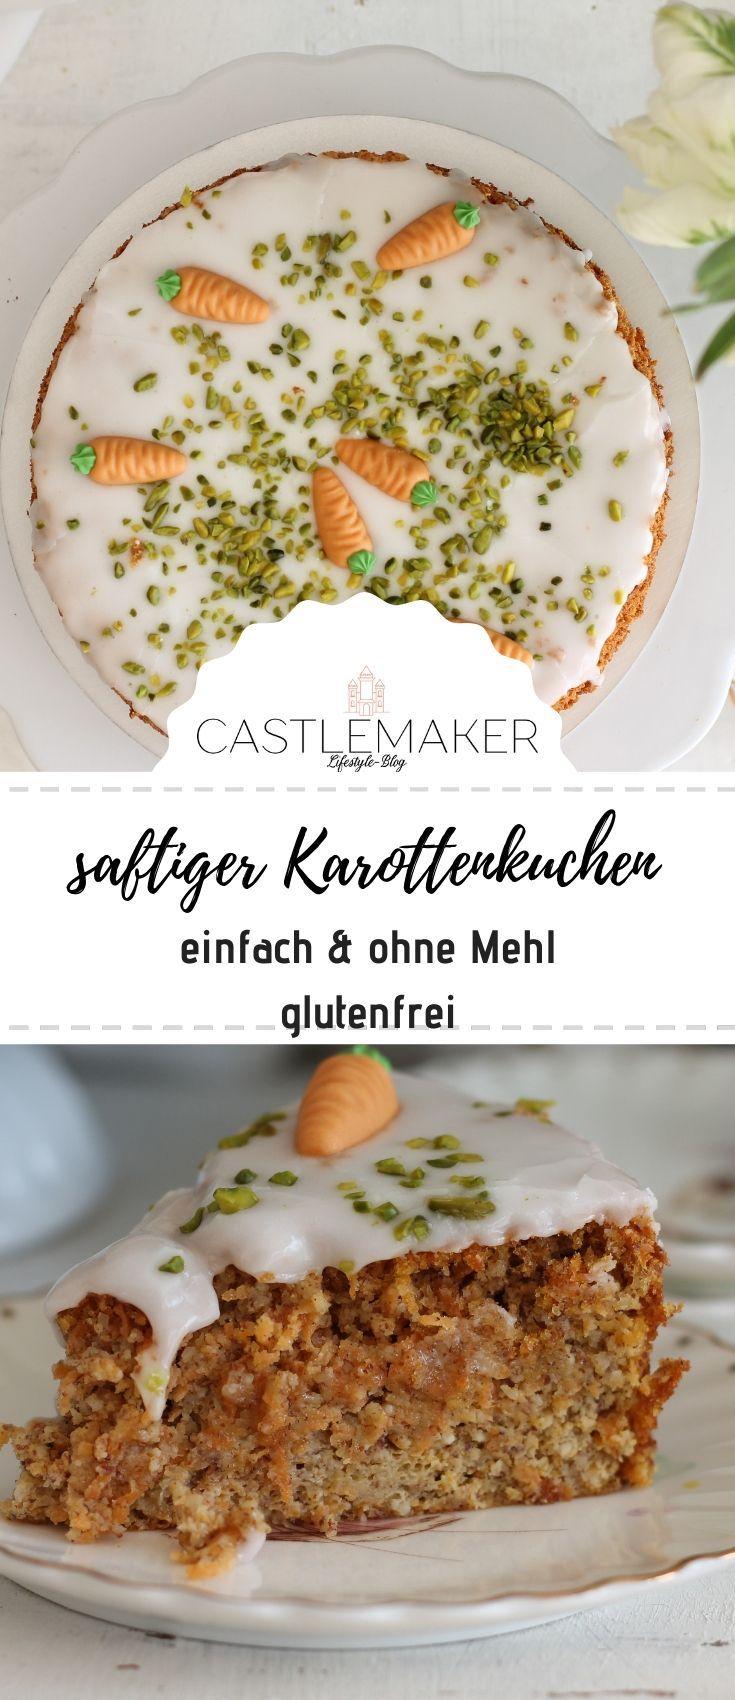 Saftiger Rüblikuchen mit Zitronenguss – super einfacher Karottenkuchen ohne Mehl « CASTLEMAKER Lifes  – Osterideen